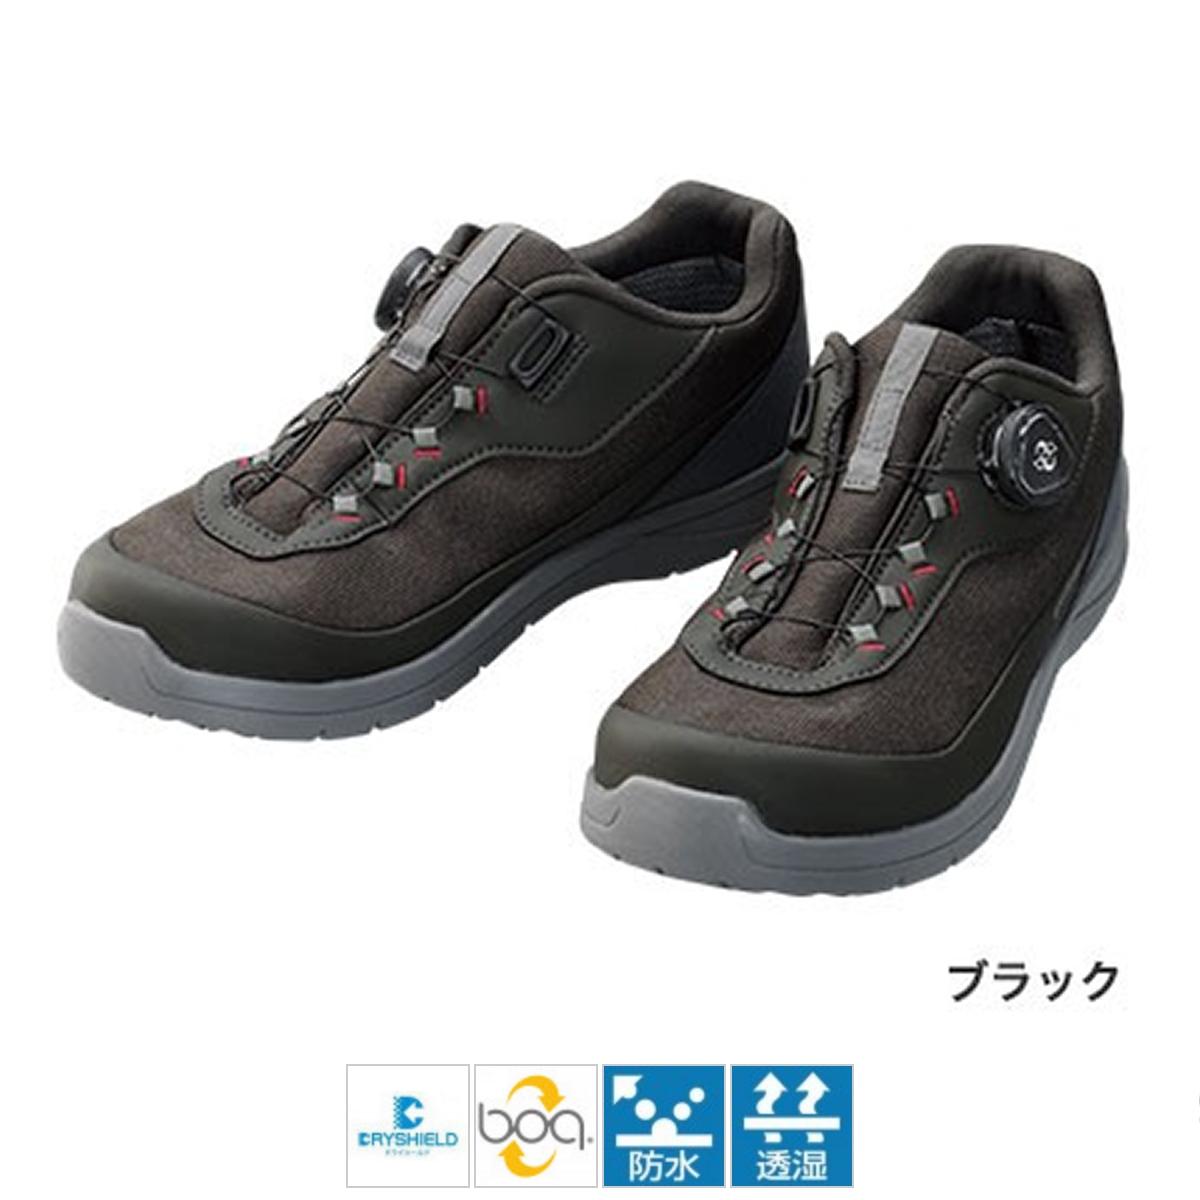 シマノ ドライシールド デッキラジアルフィットシューズ LW FS-081Q 28cm ブラック(東日本店)